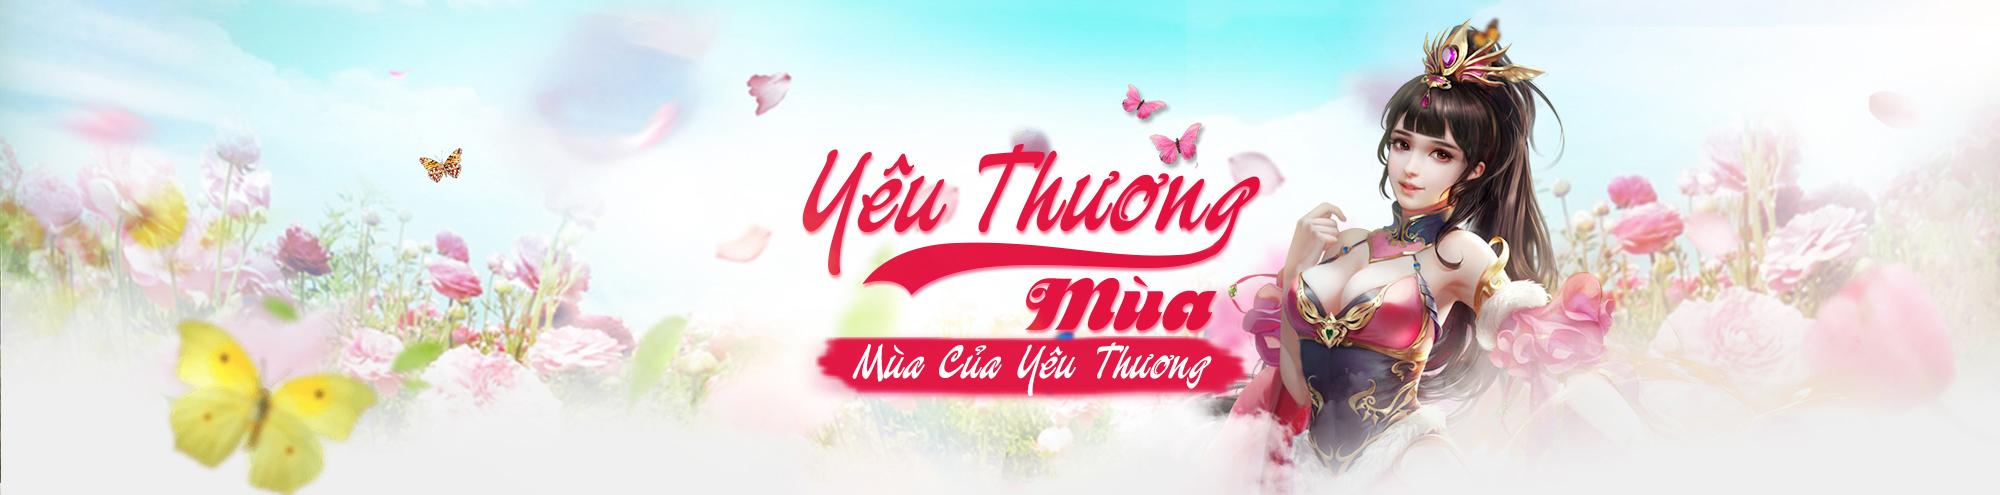 Mua Yeu Thuong